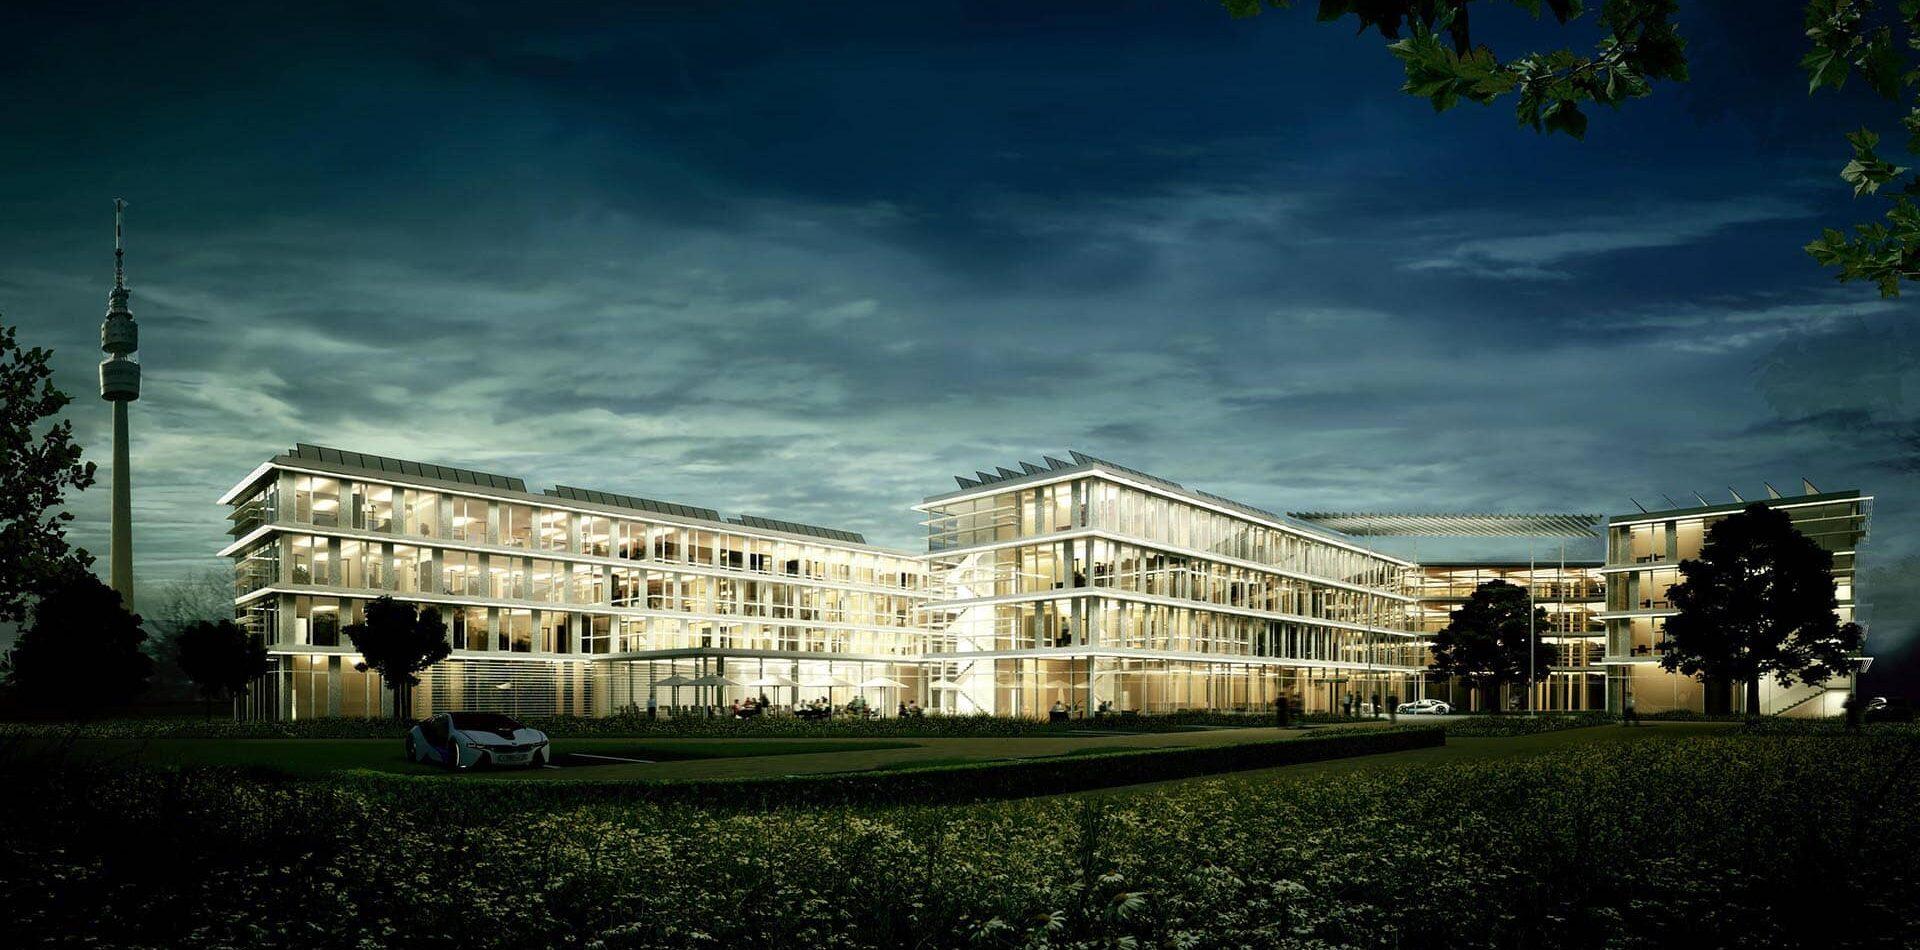 Amprion Dortmund 2ter Preis Generalplaner Wettbewerb-aussenperspektive mit Landschaft Nacht